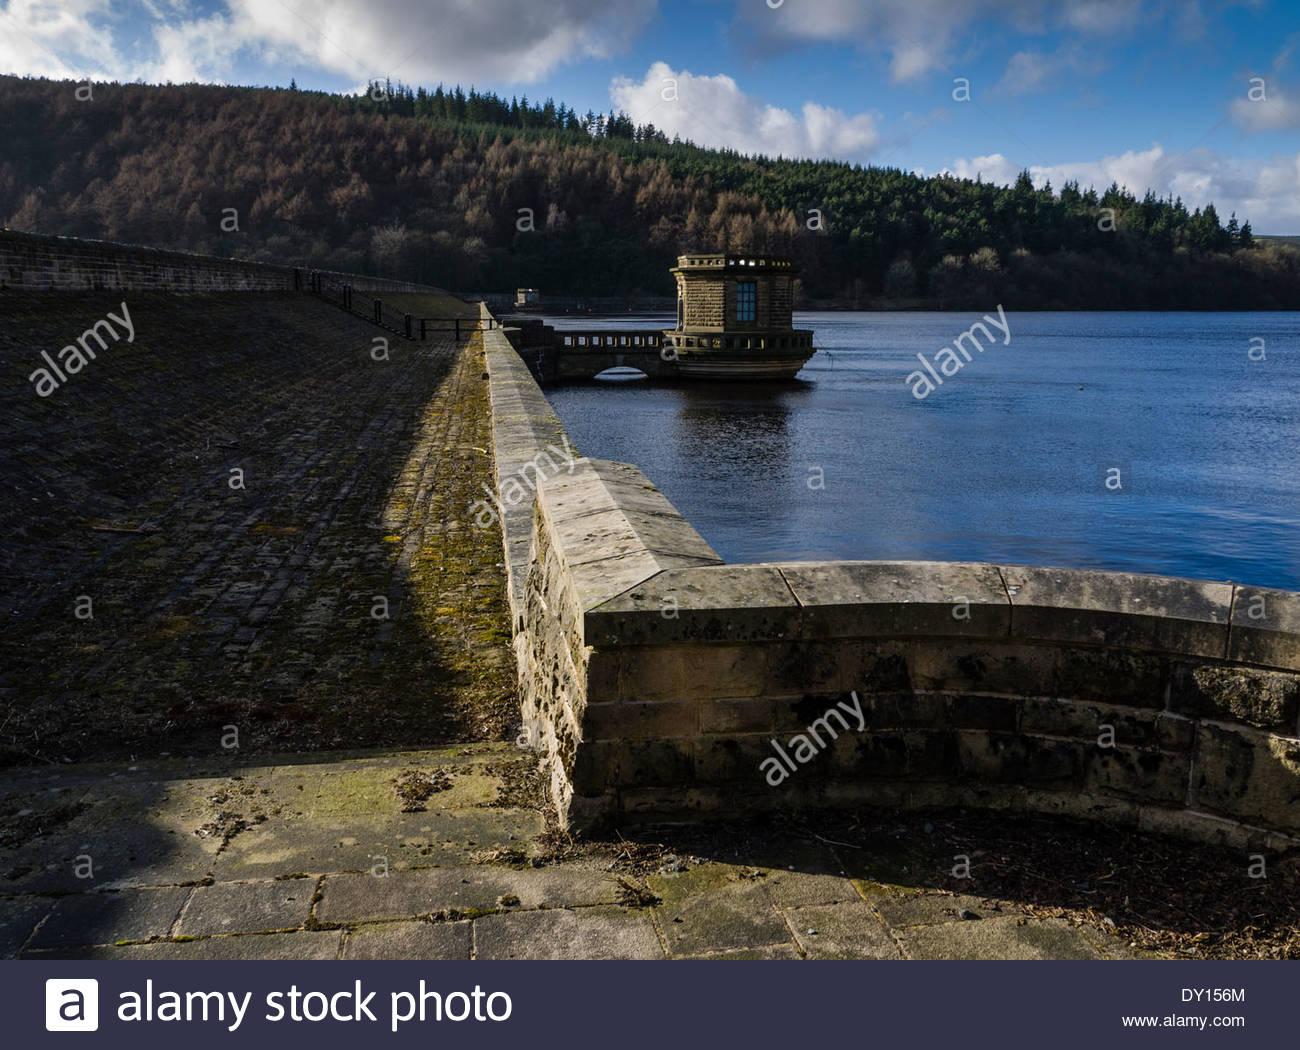 A57, Bamford, Ladybower,  Peaks Derbyshire Reservoir.Sheffield England UK - Stock Image